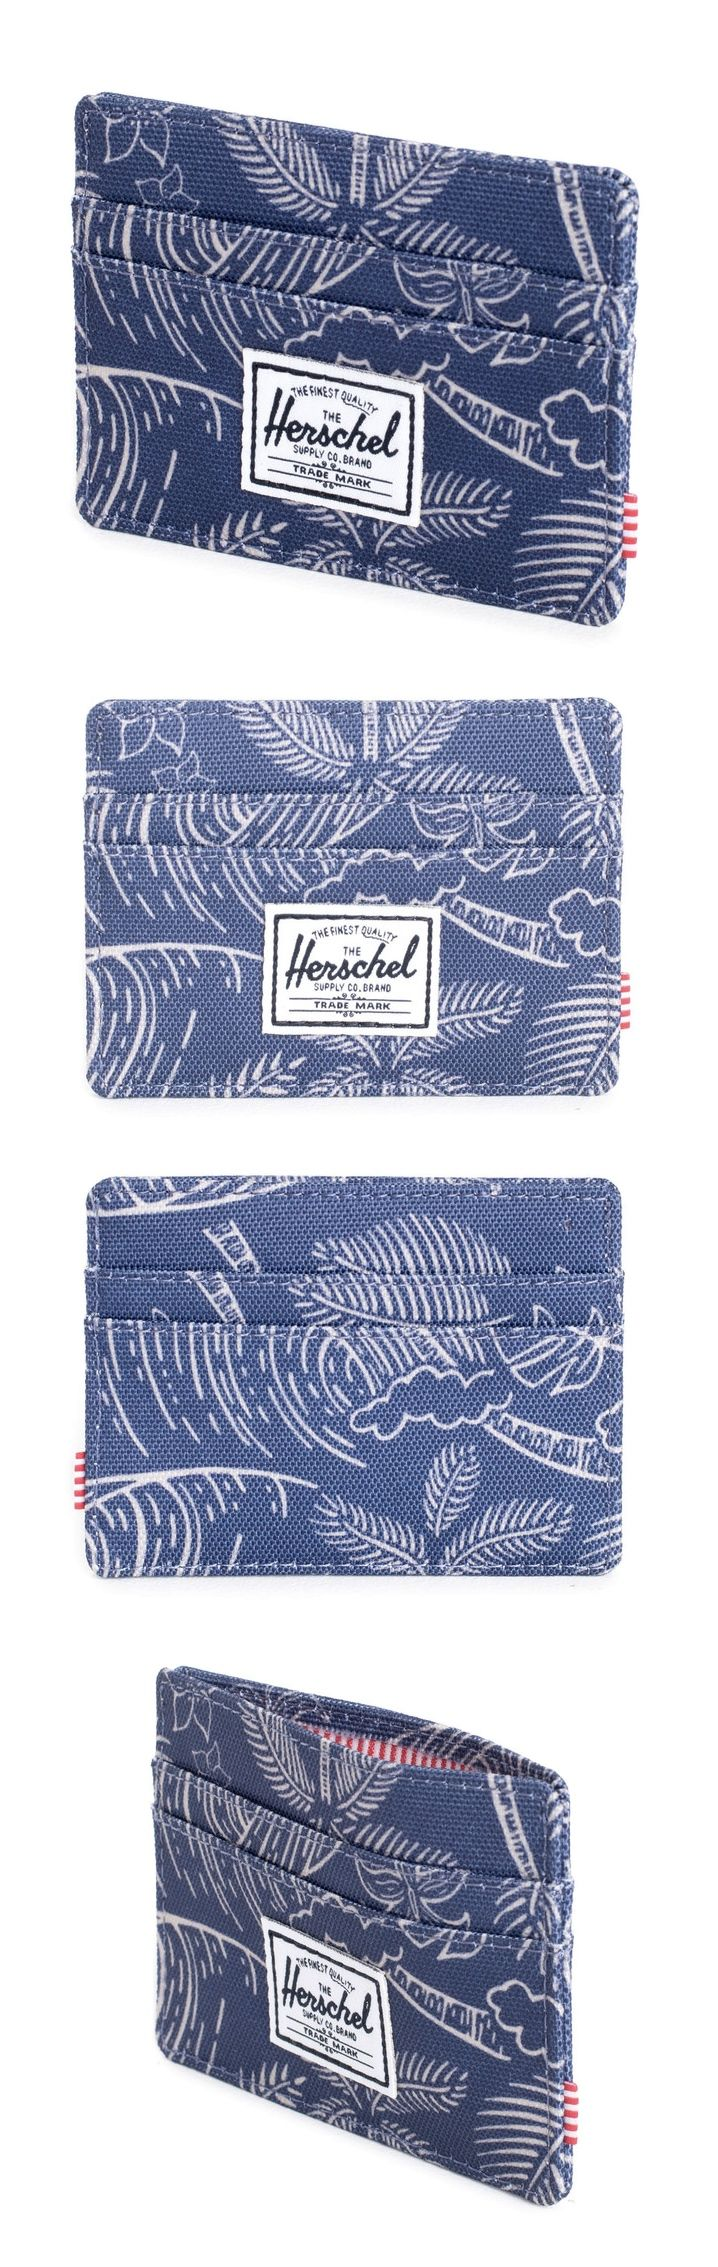 Wallet for teens from Herschel Supply